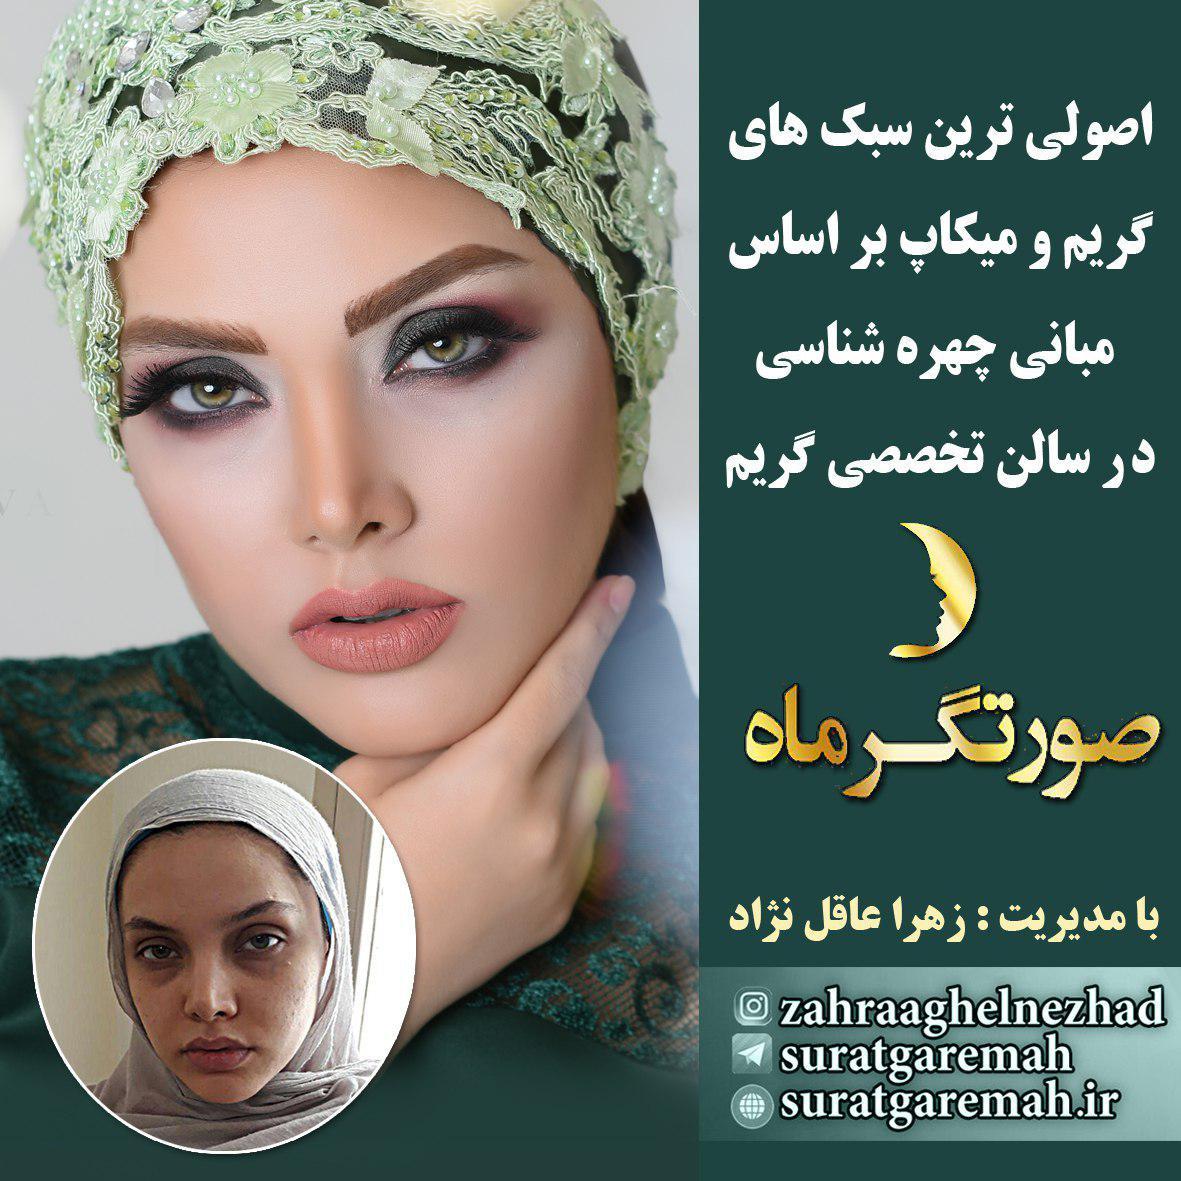 سالن عروس تهران